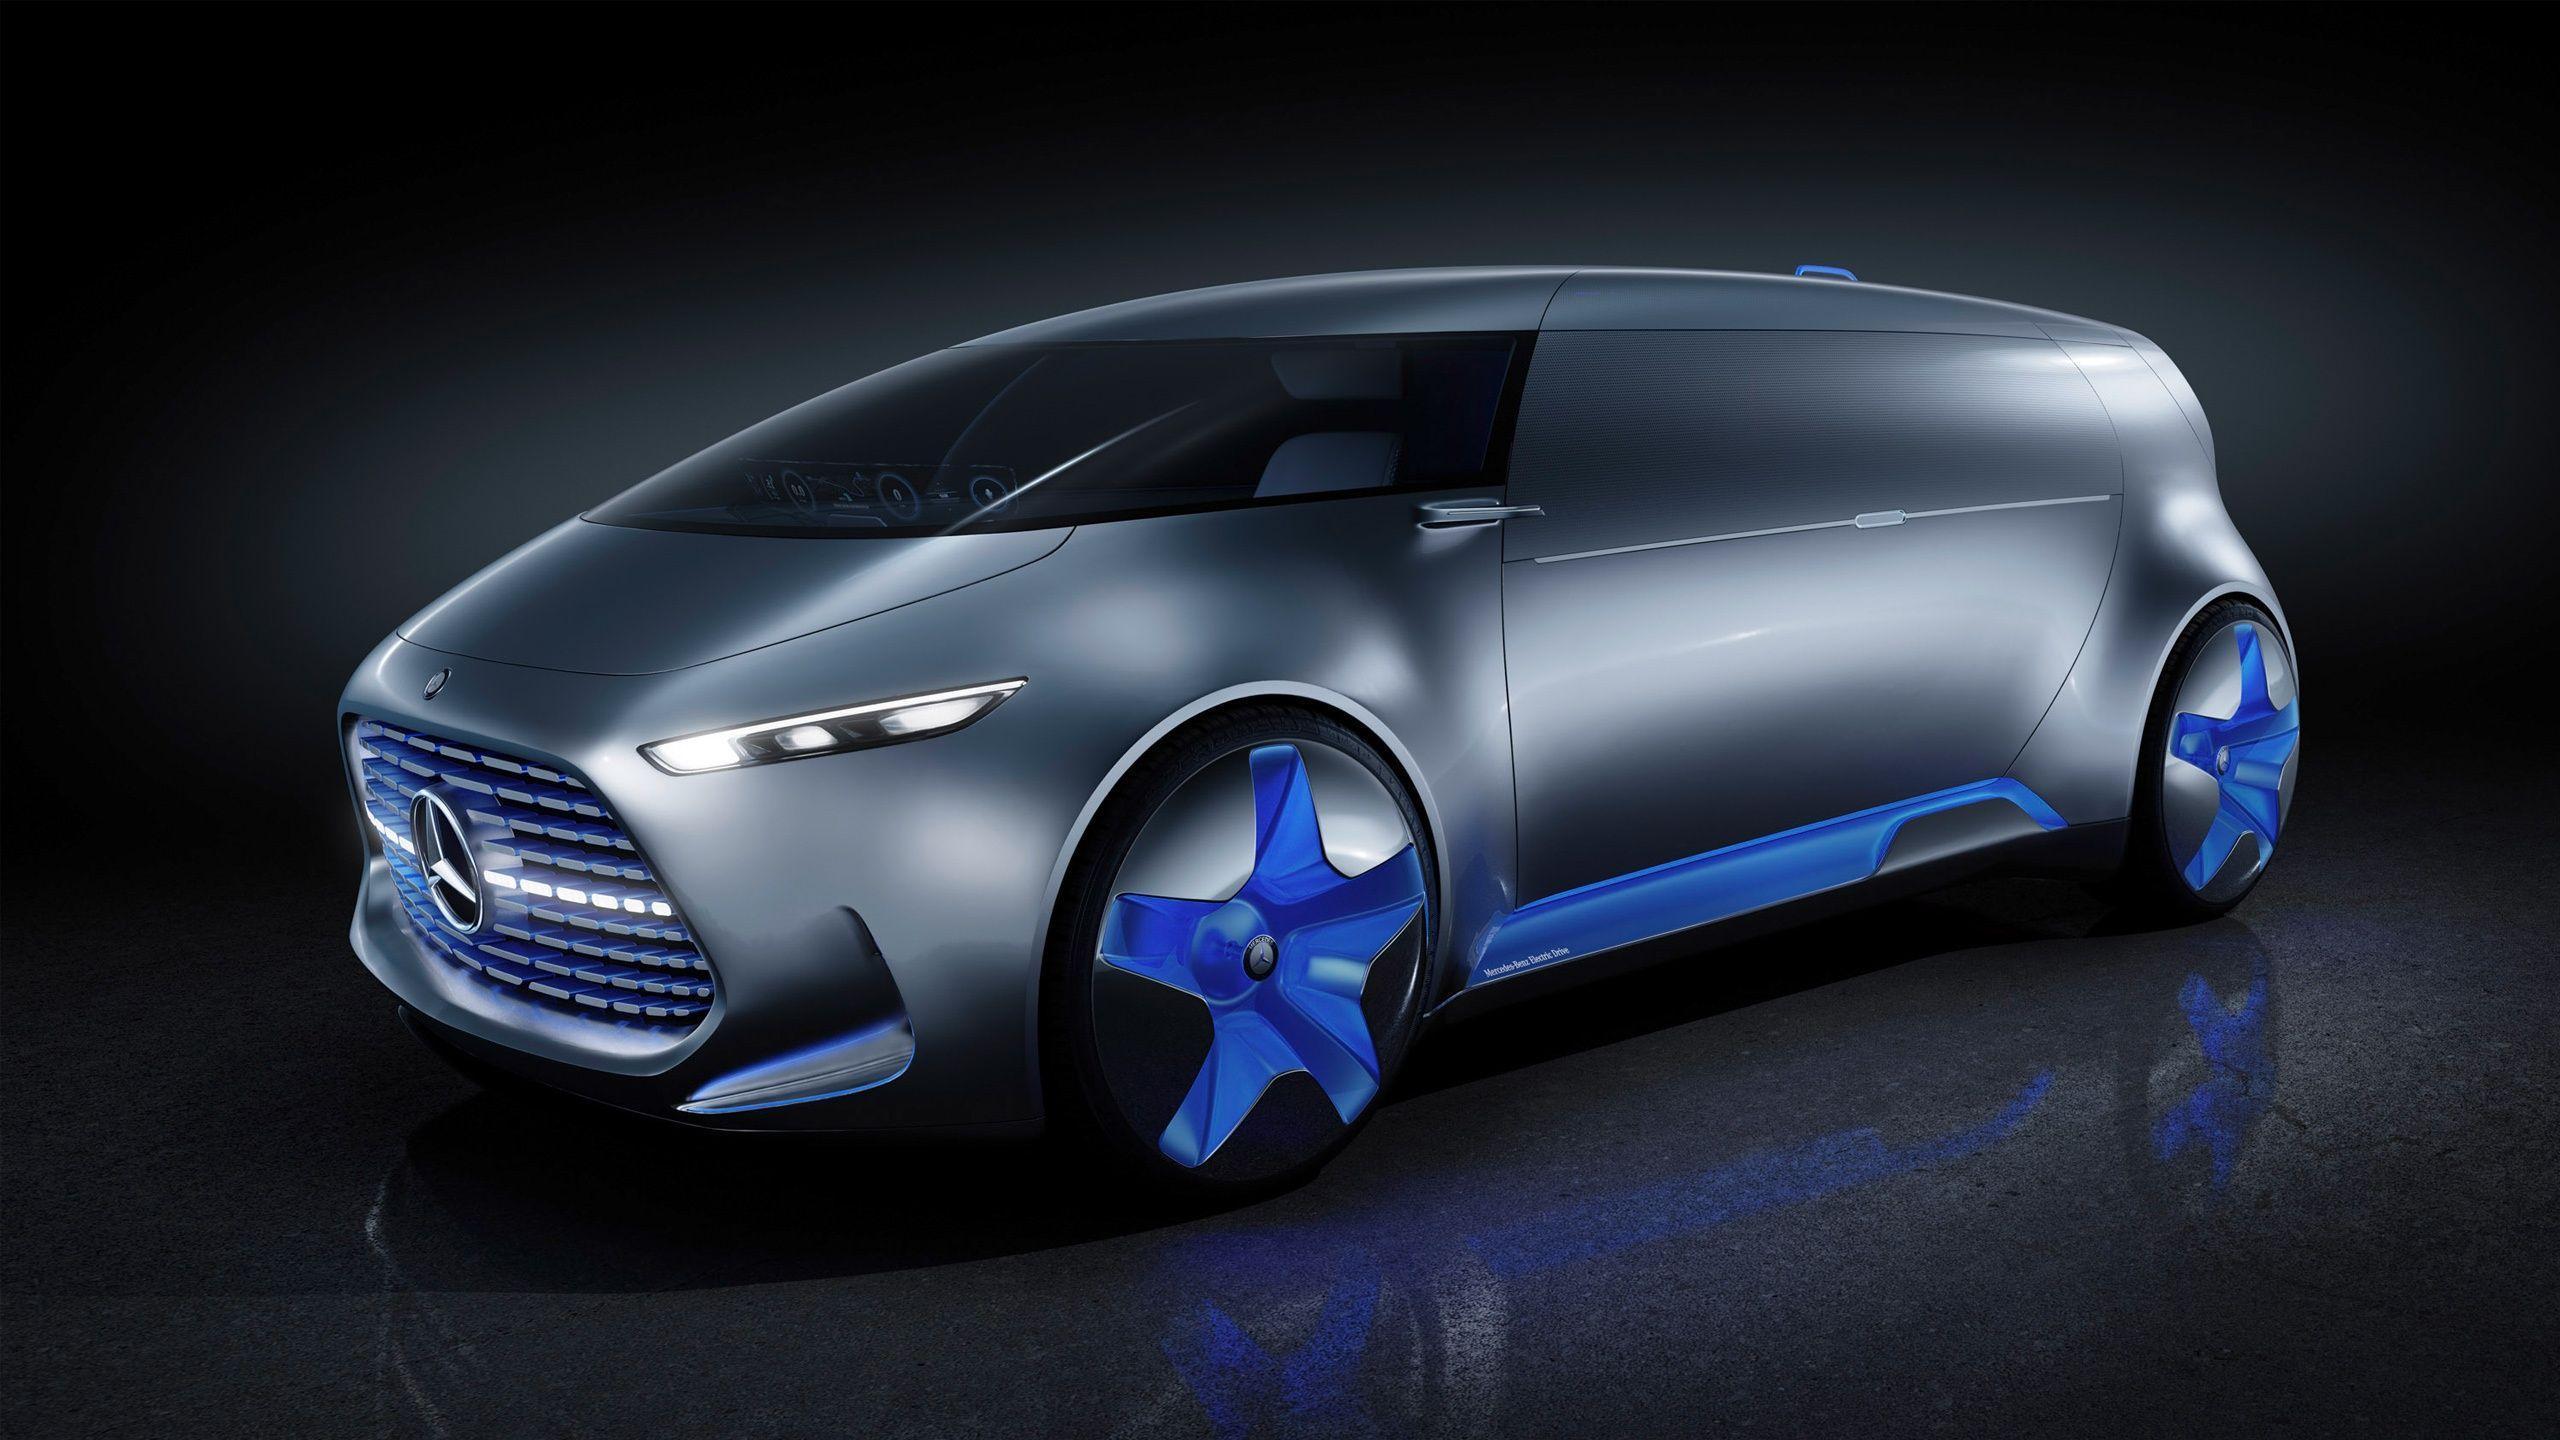 2015 Mercedes Benz Vision Tokyo Concept Wallpaper | HD Car Wallpapers